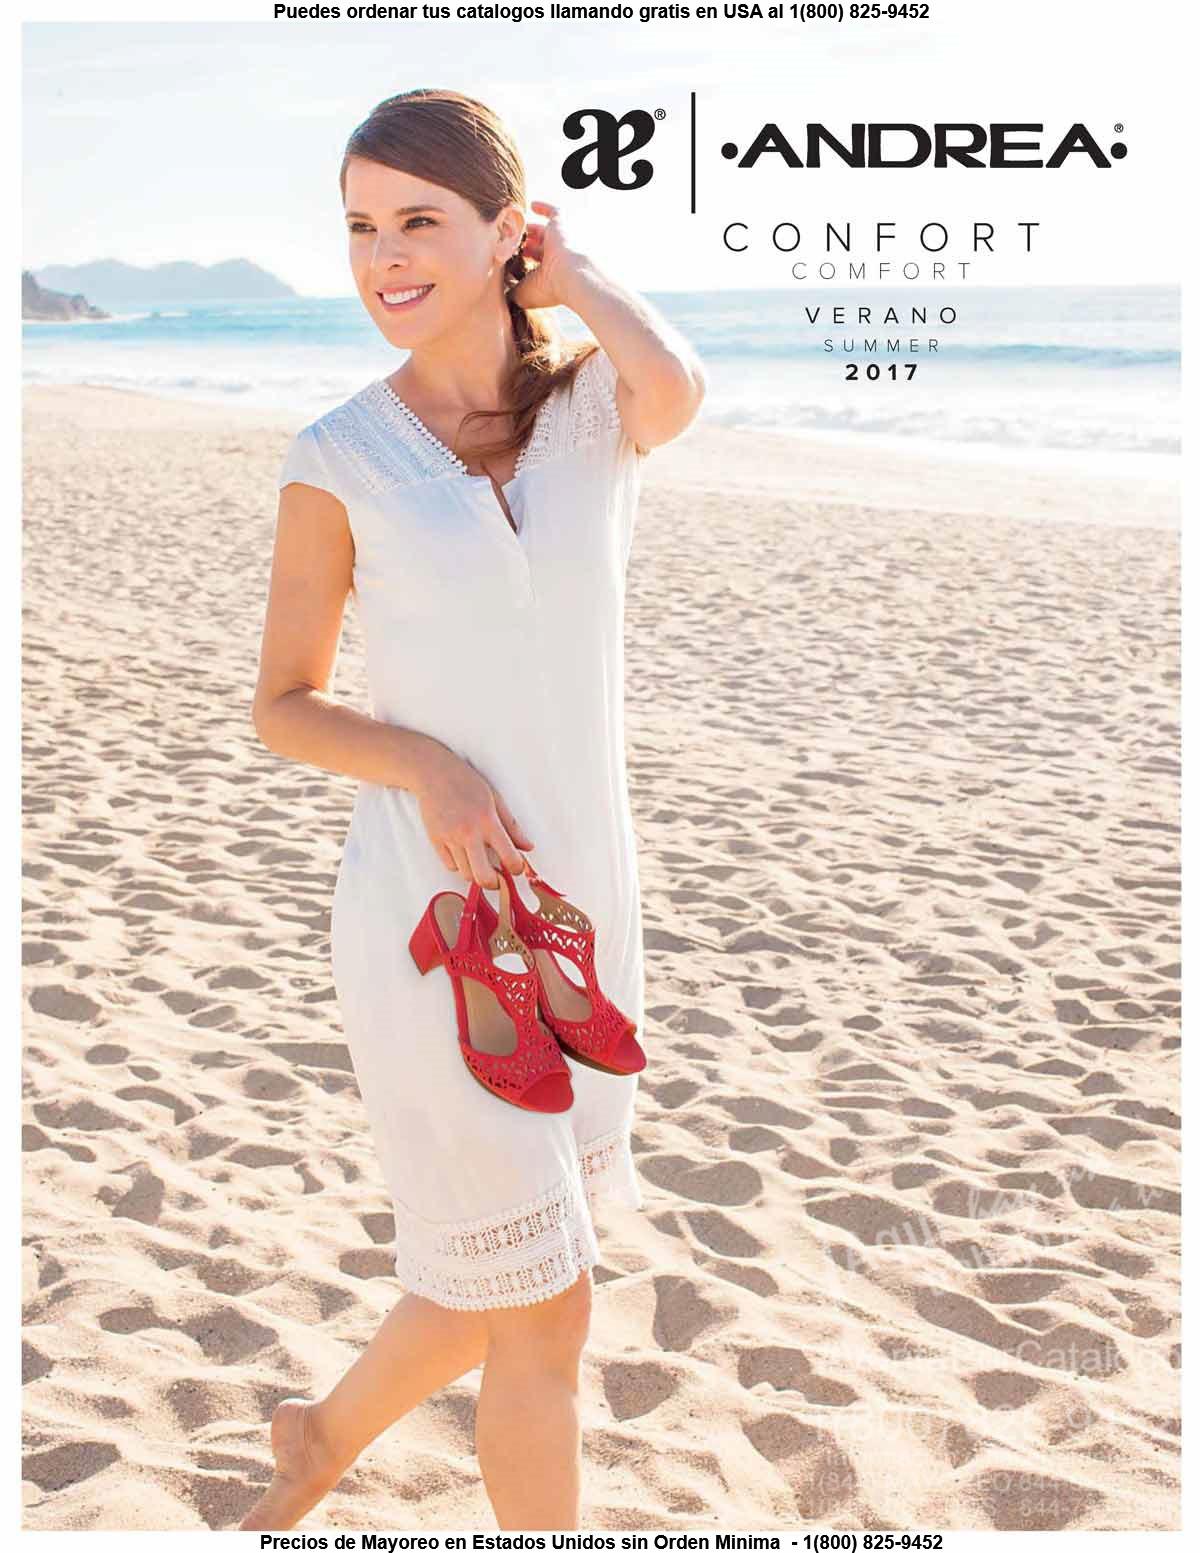 Nuevo catálogo Andrea Confort Verano 2017 para USA